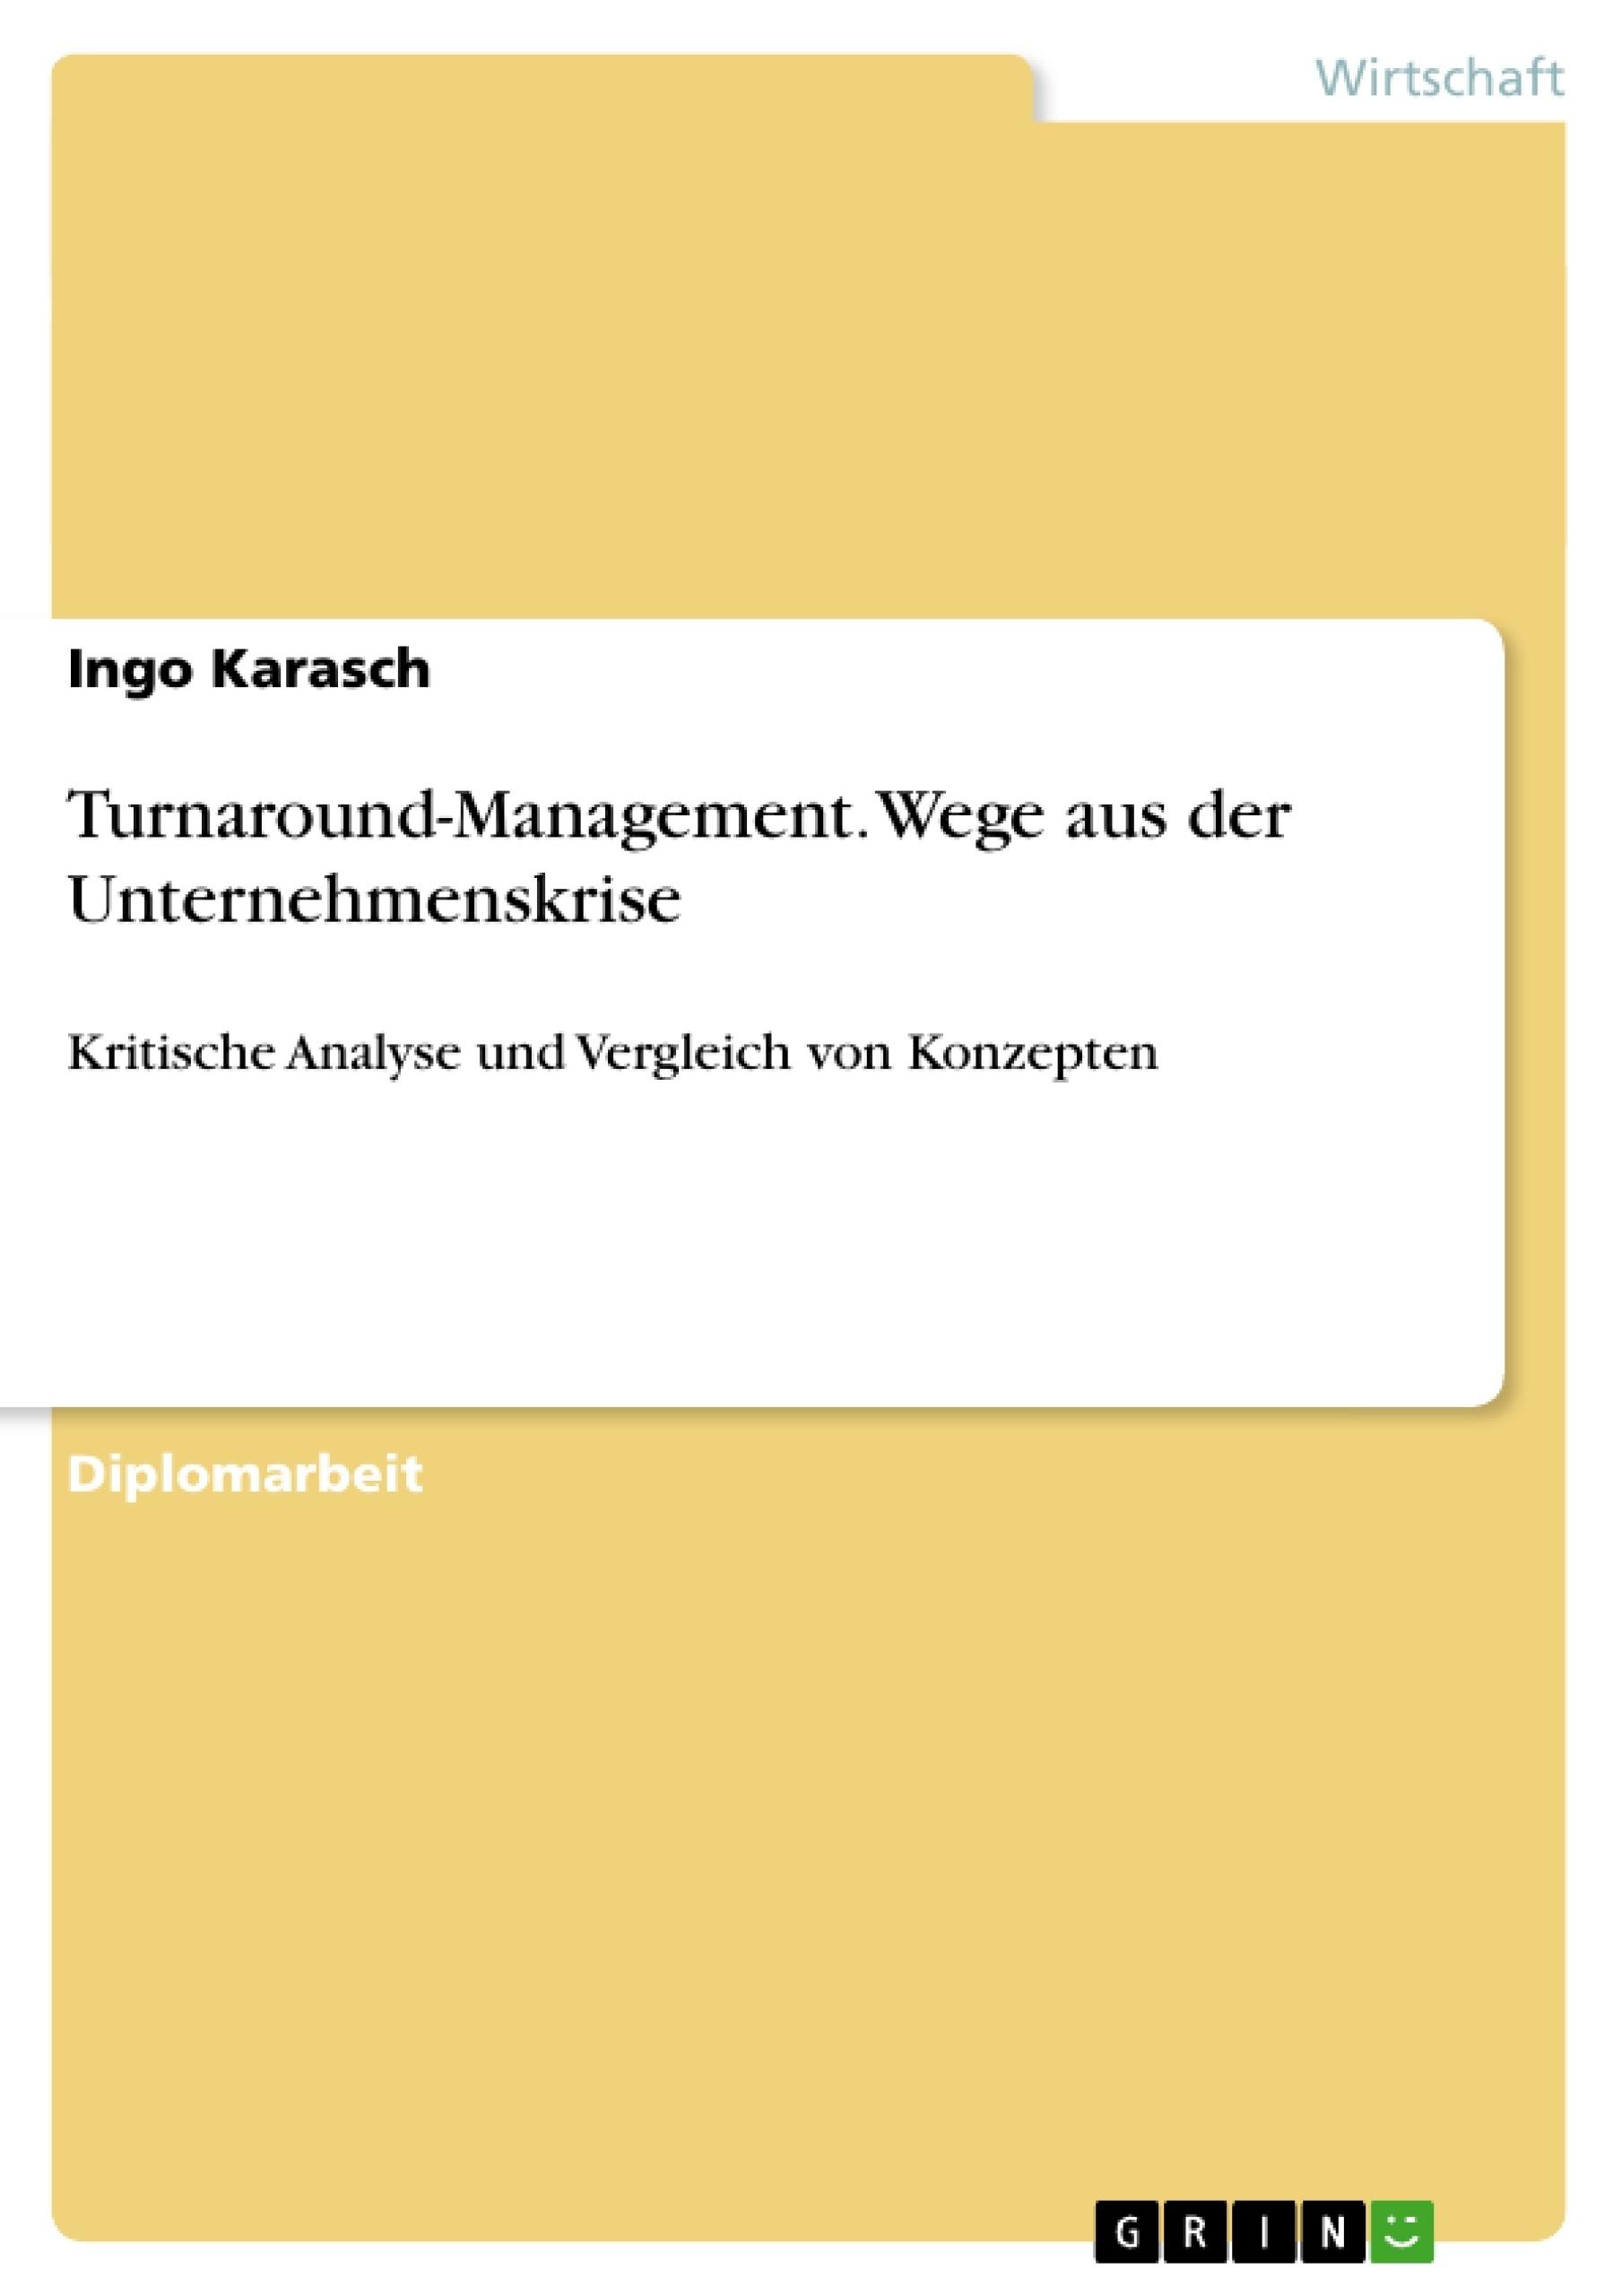 Titel: Turnaround-Management. Wege aus der Unternehmenskrise